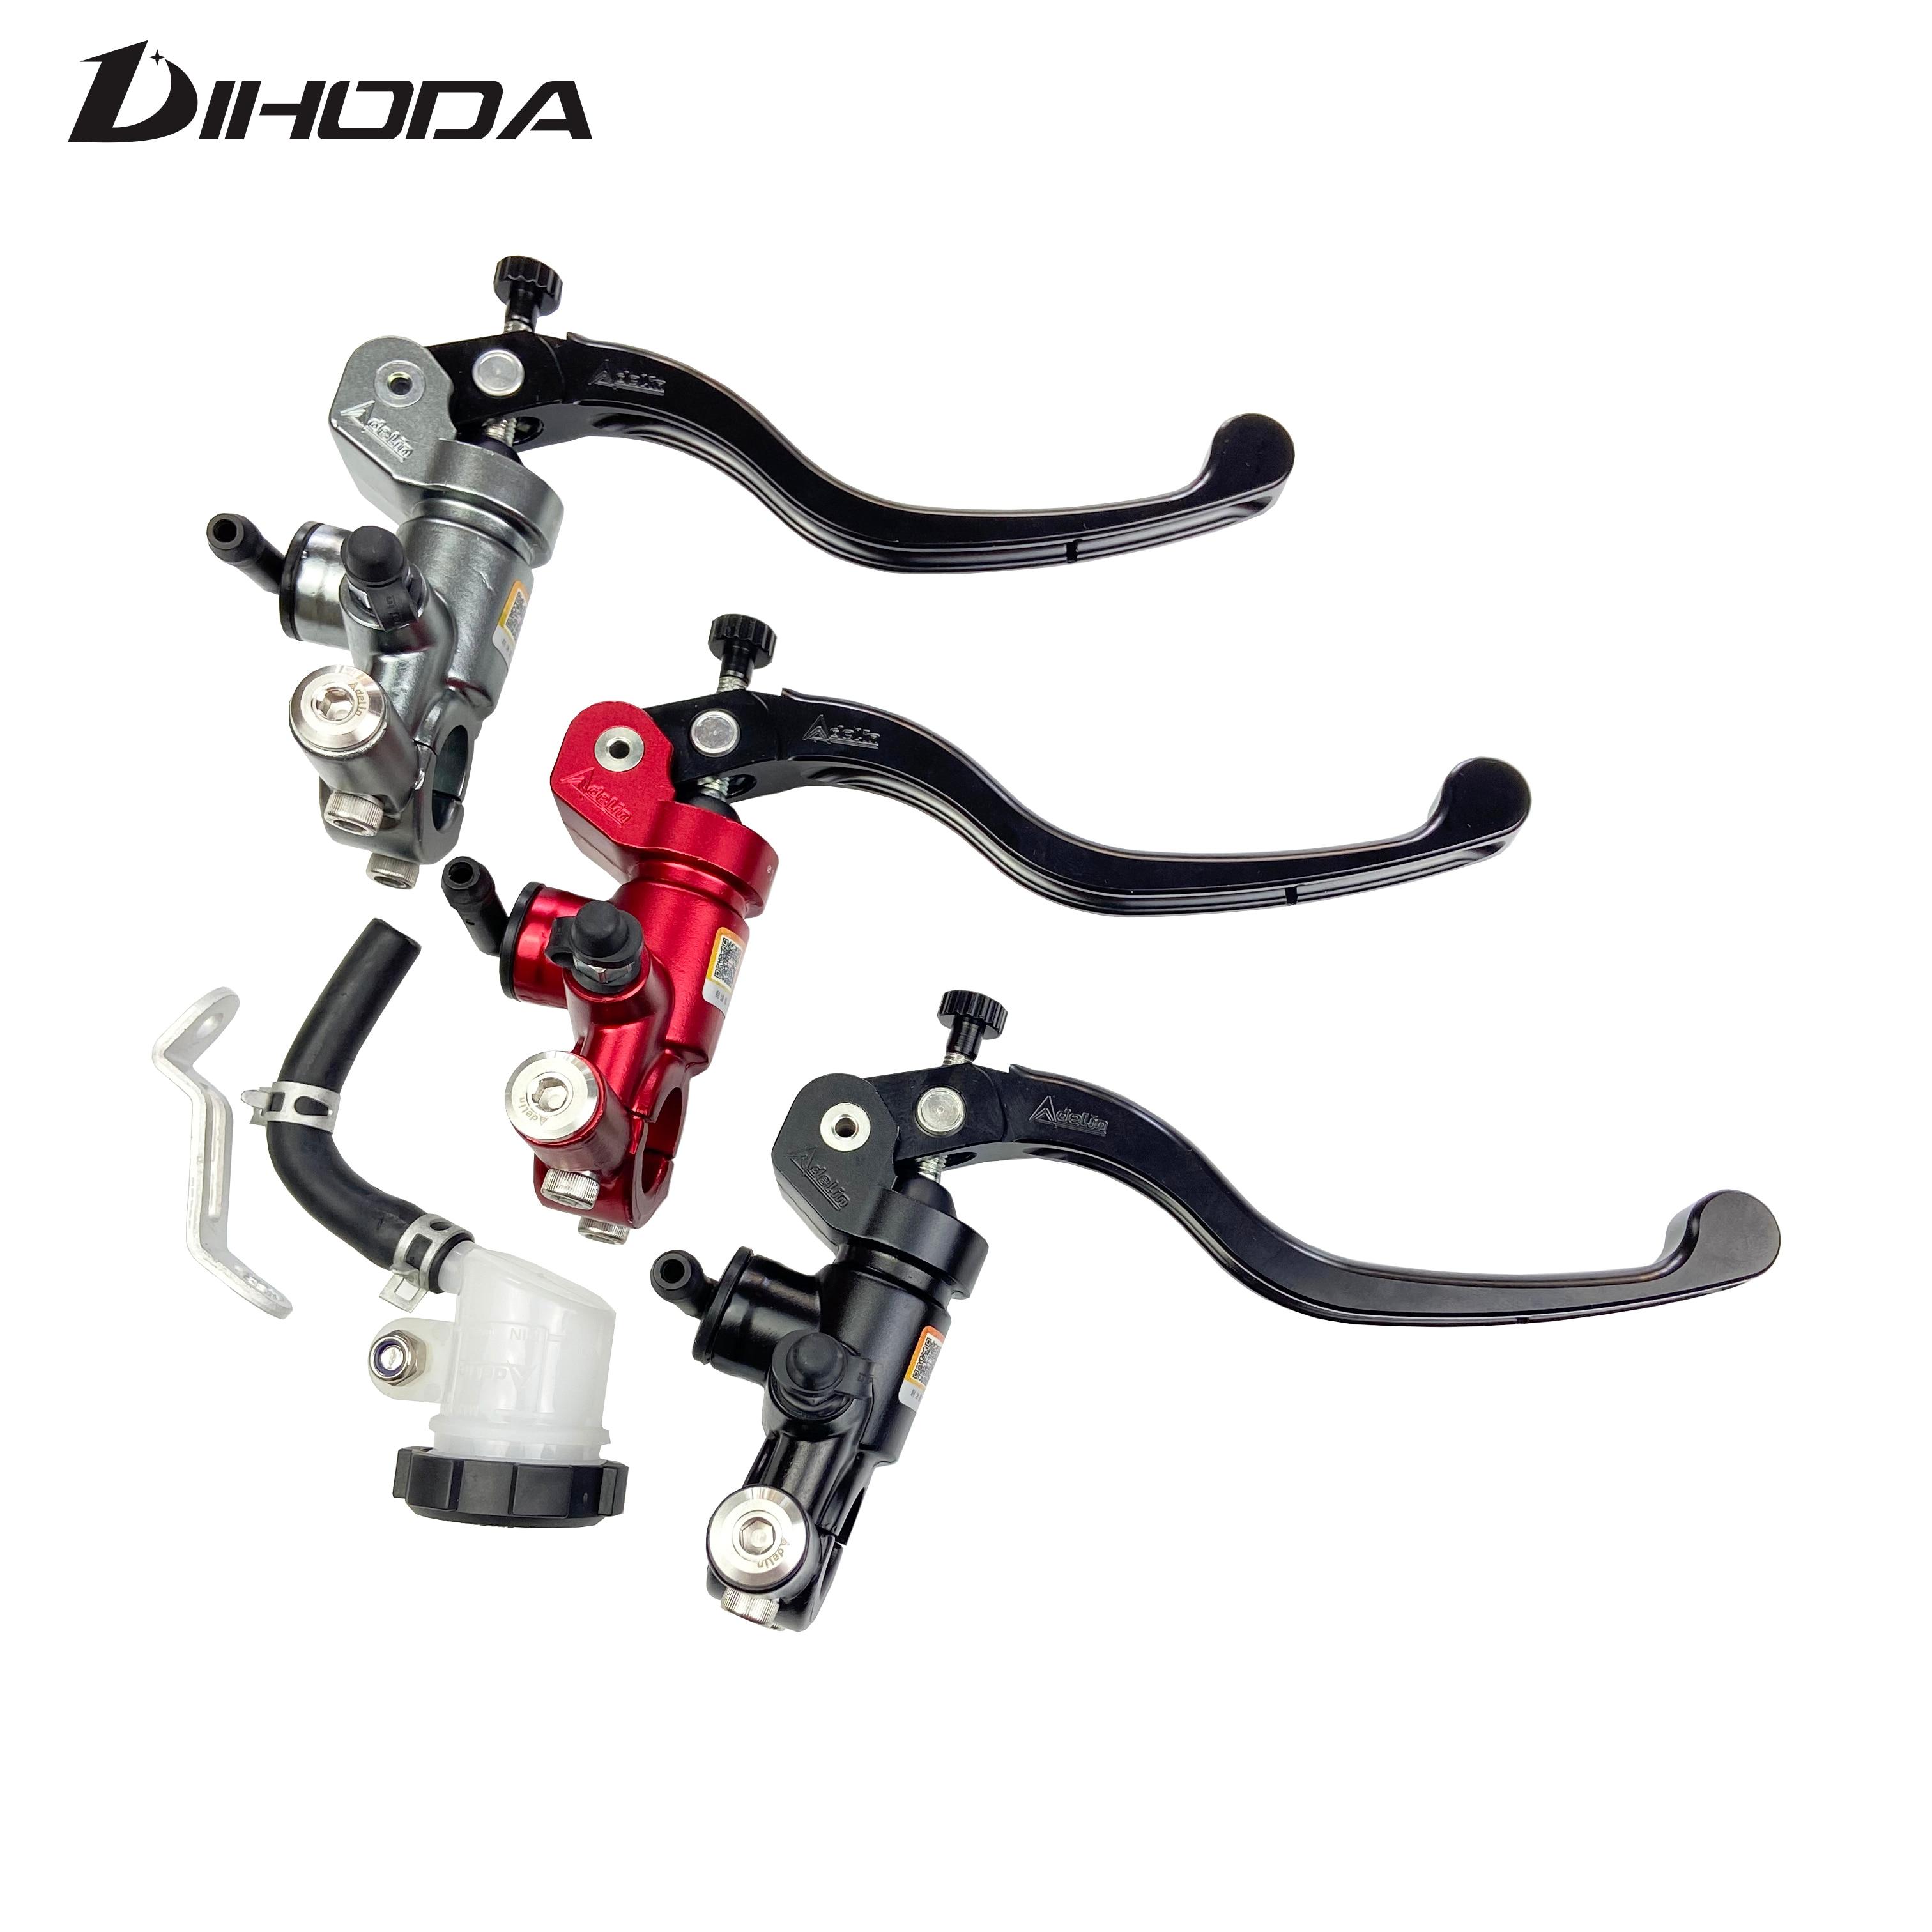 Оригинальный тормозной насос Adelin PX1 для гоночного мотоцикла, 14 мм, 15 мм, тормозной насос, ручка рычага главного цилиндра для Kawasaki, Yamaha, Honda R6, Fz6